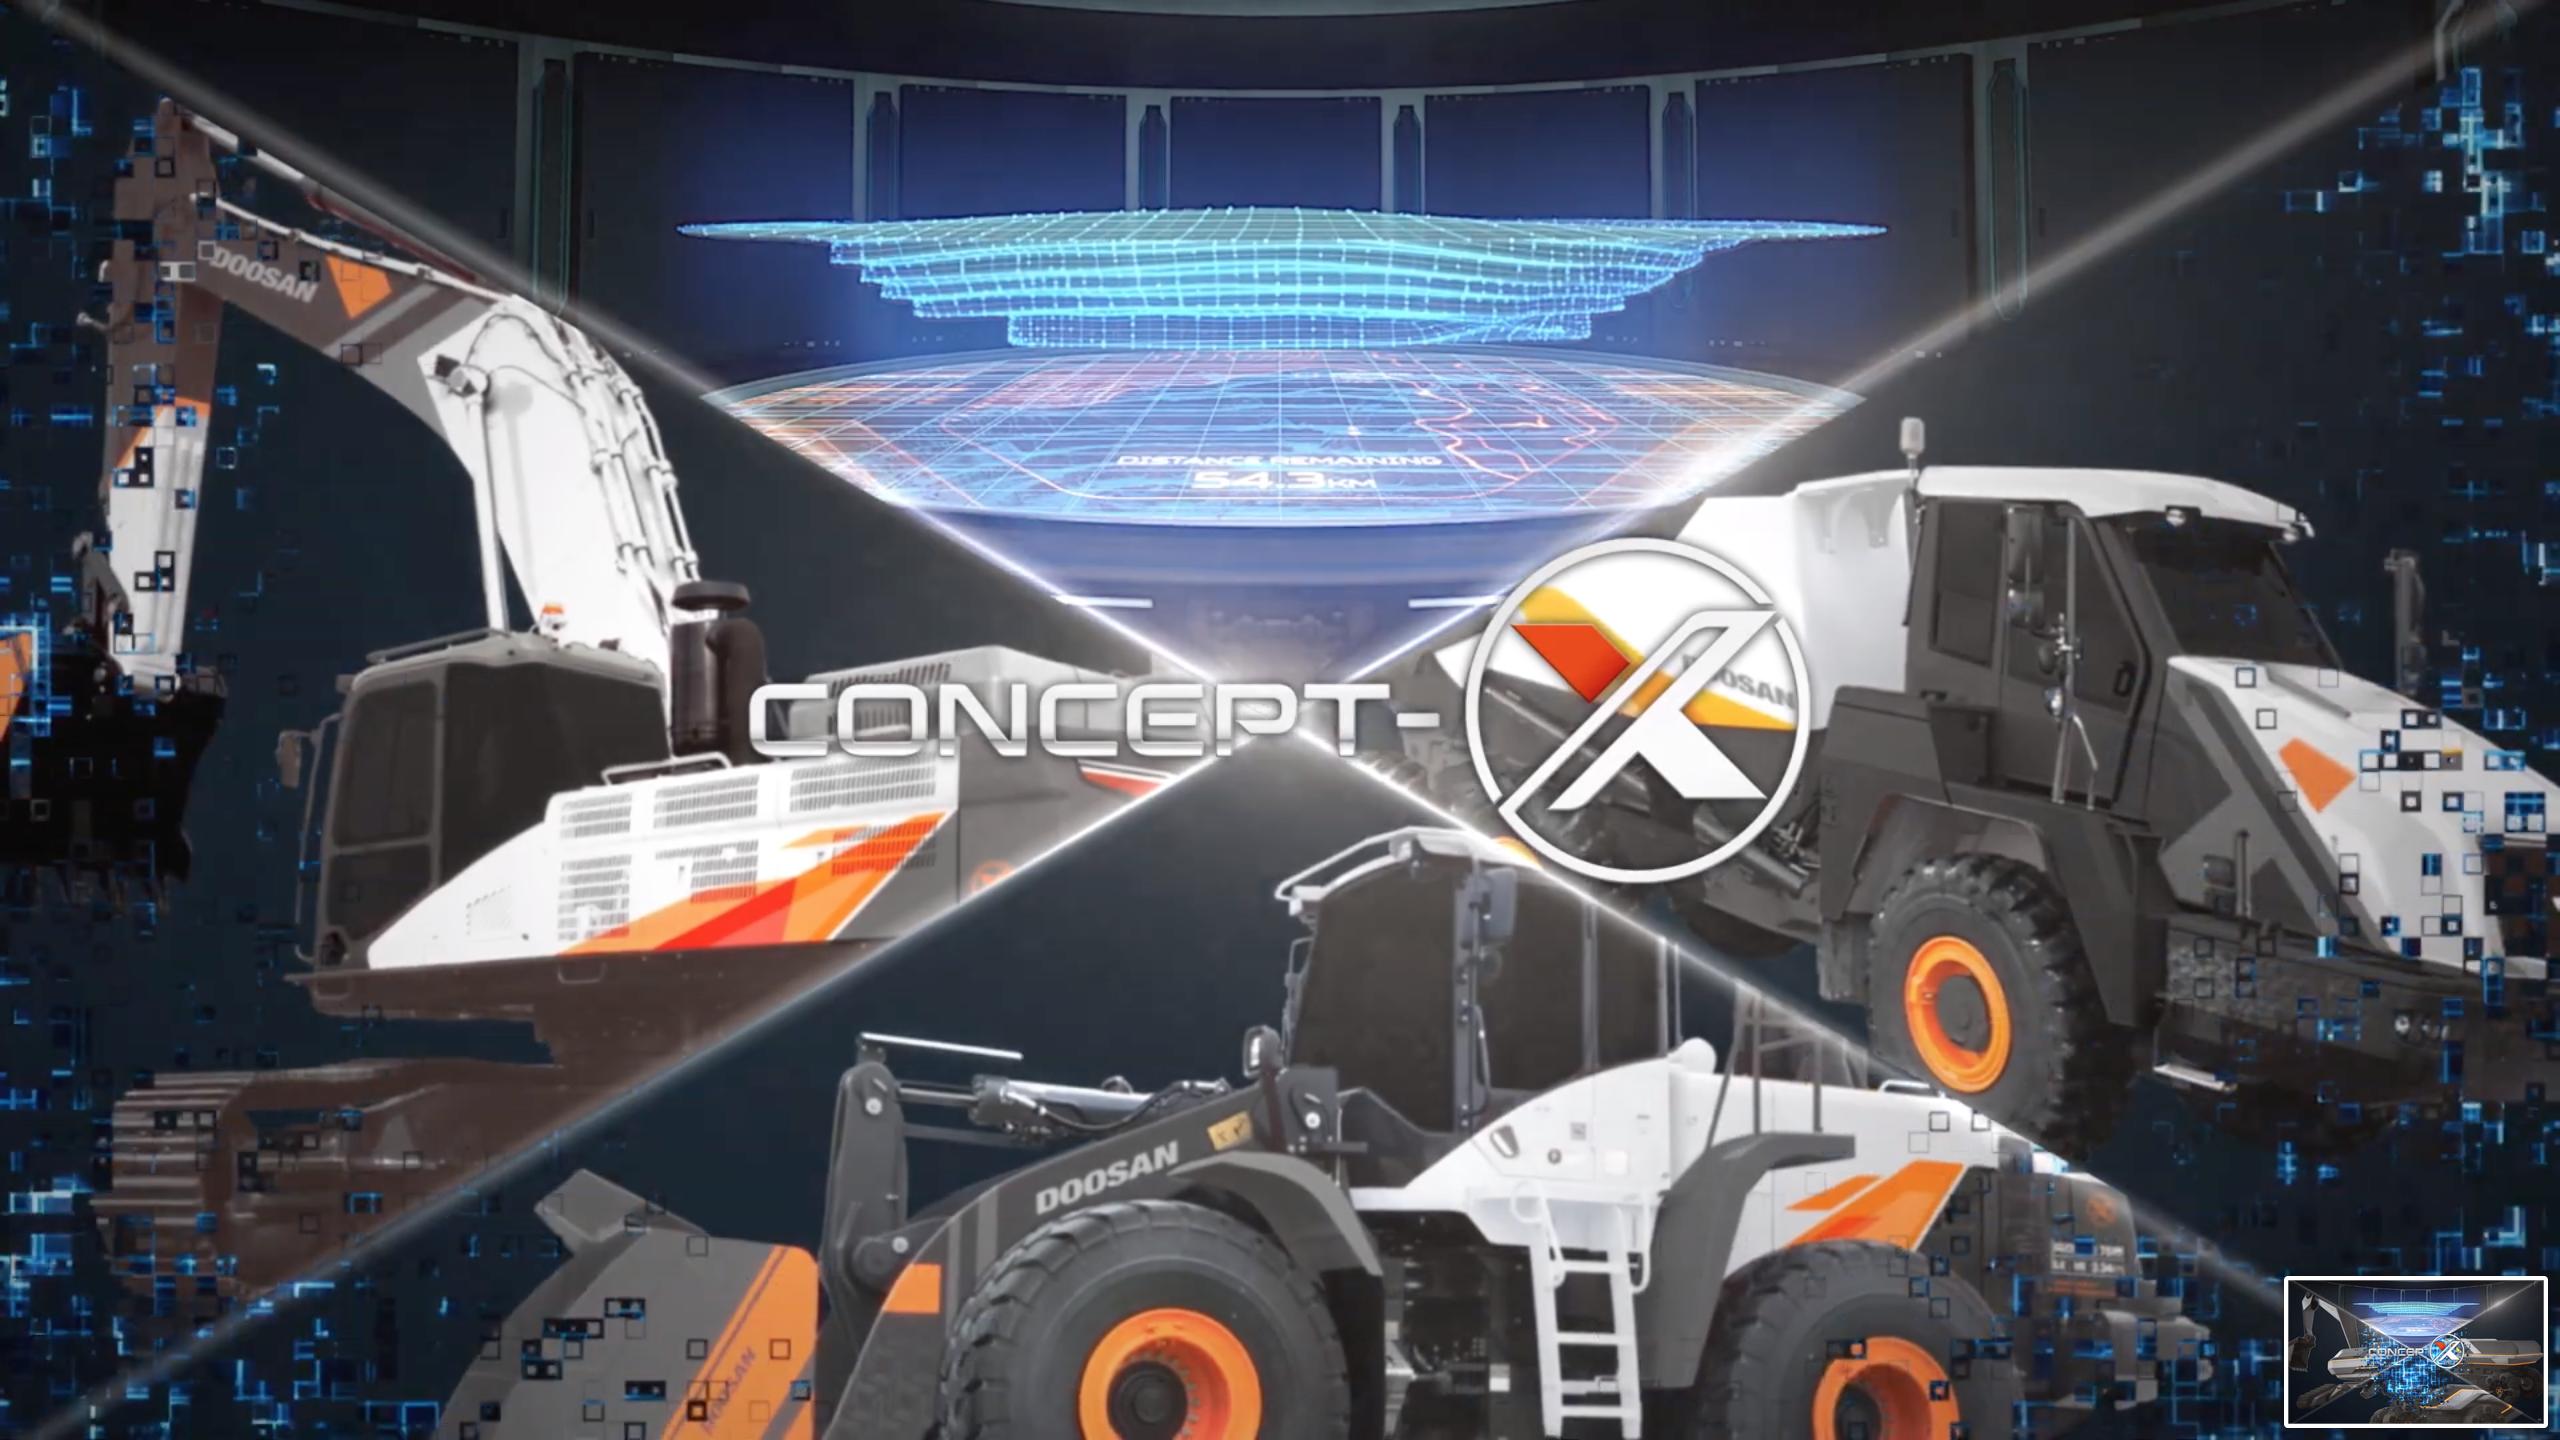 Concept X by Doosan anticipa il futuro -  -Notizie - MC5.0-Macchine Cantieri 10